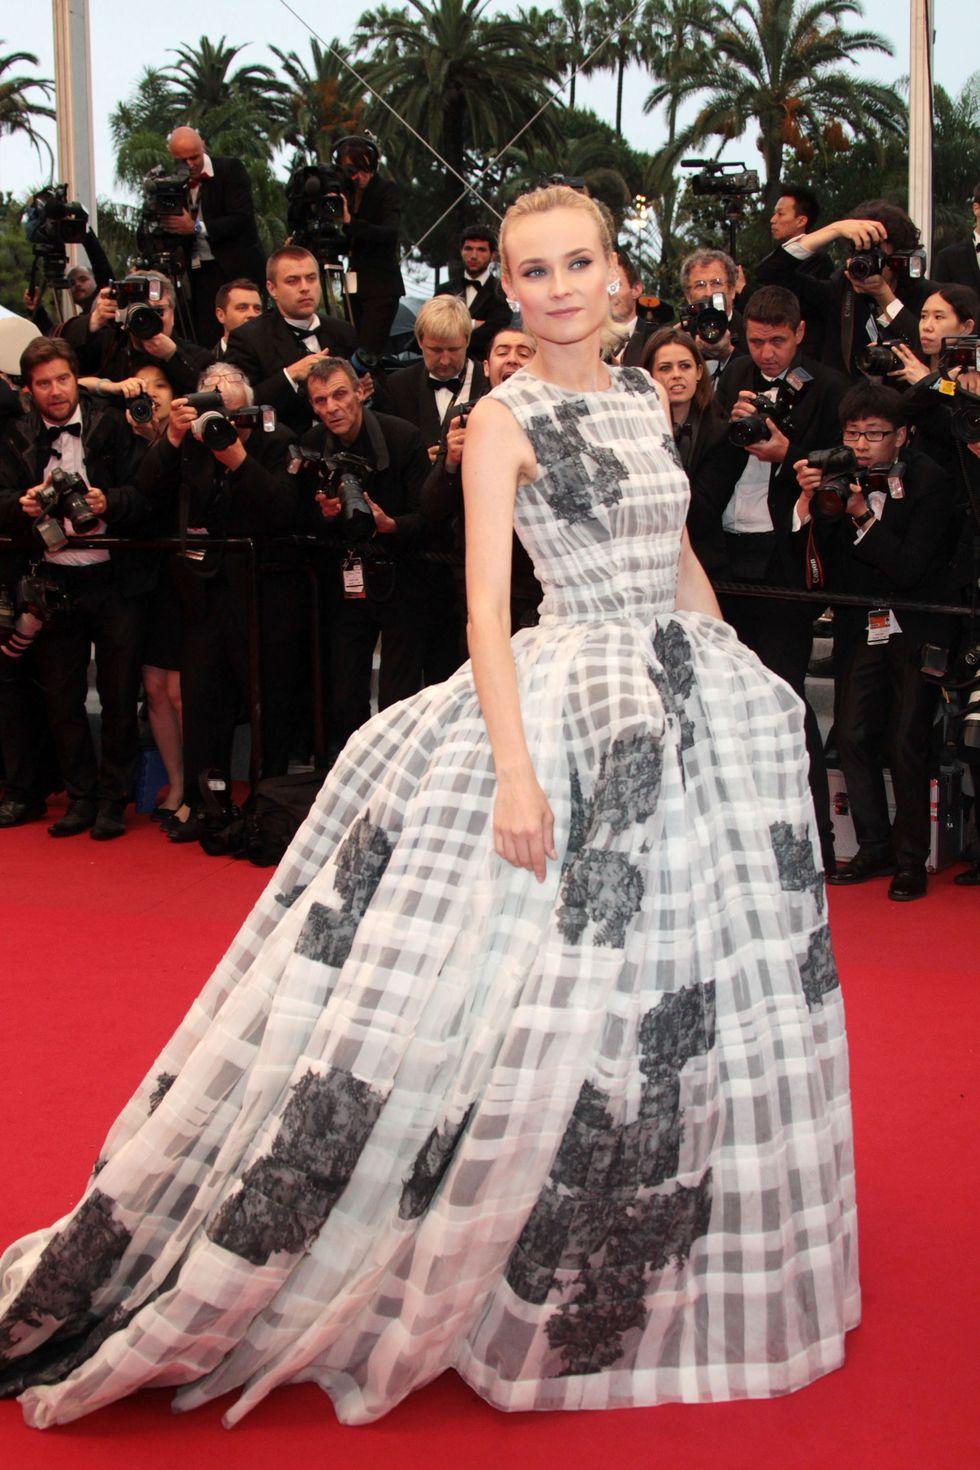 DIANE KRUGER<br /><br />Dior Haute Couture<br />2012.